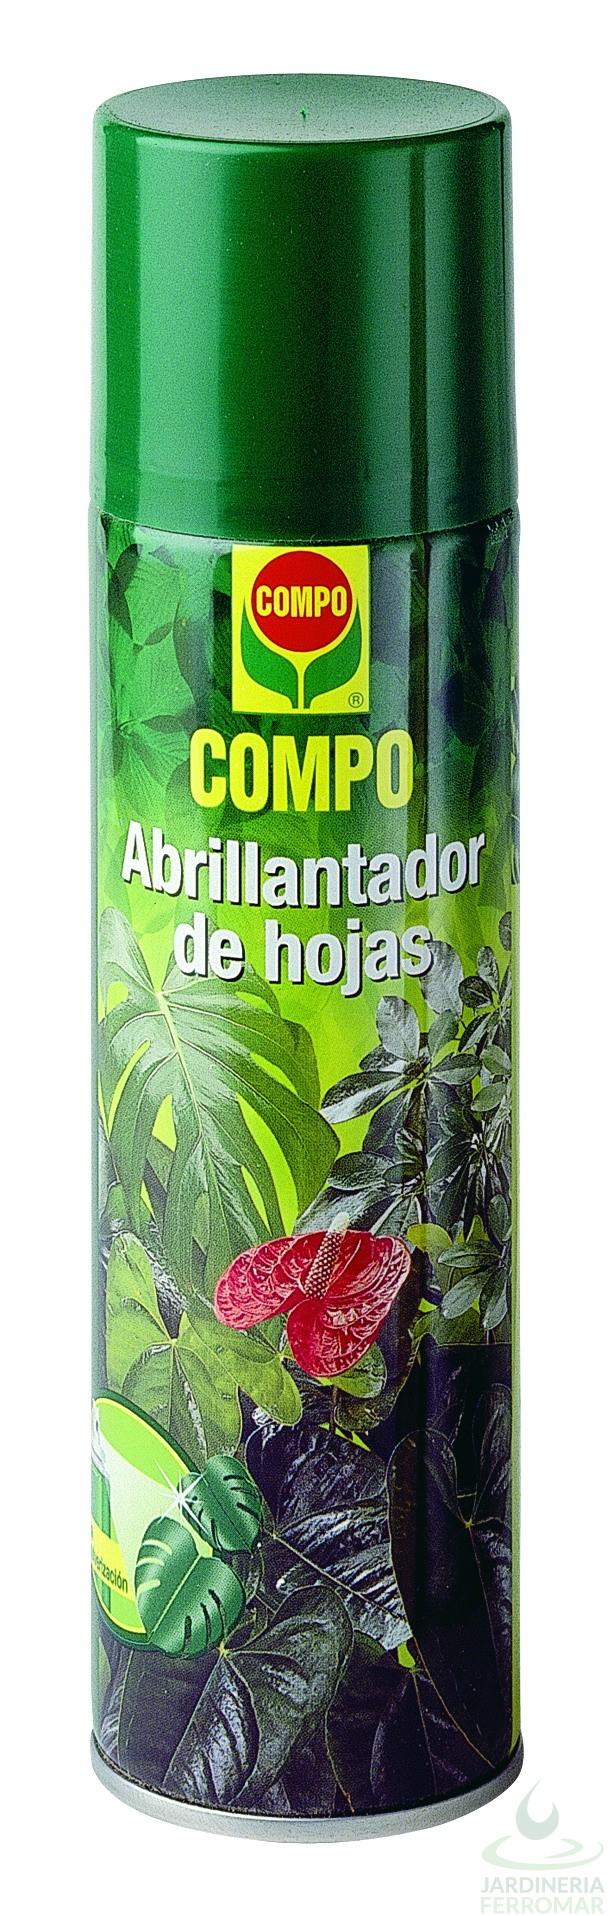 Compo Abrillantador de Hojas Aerosol 600 ml